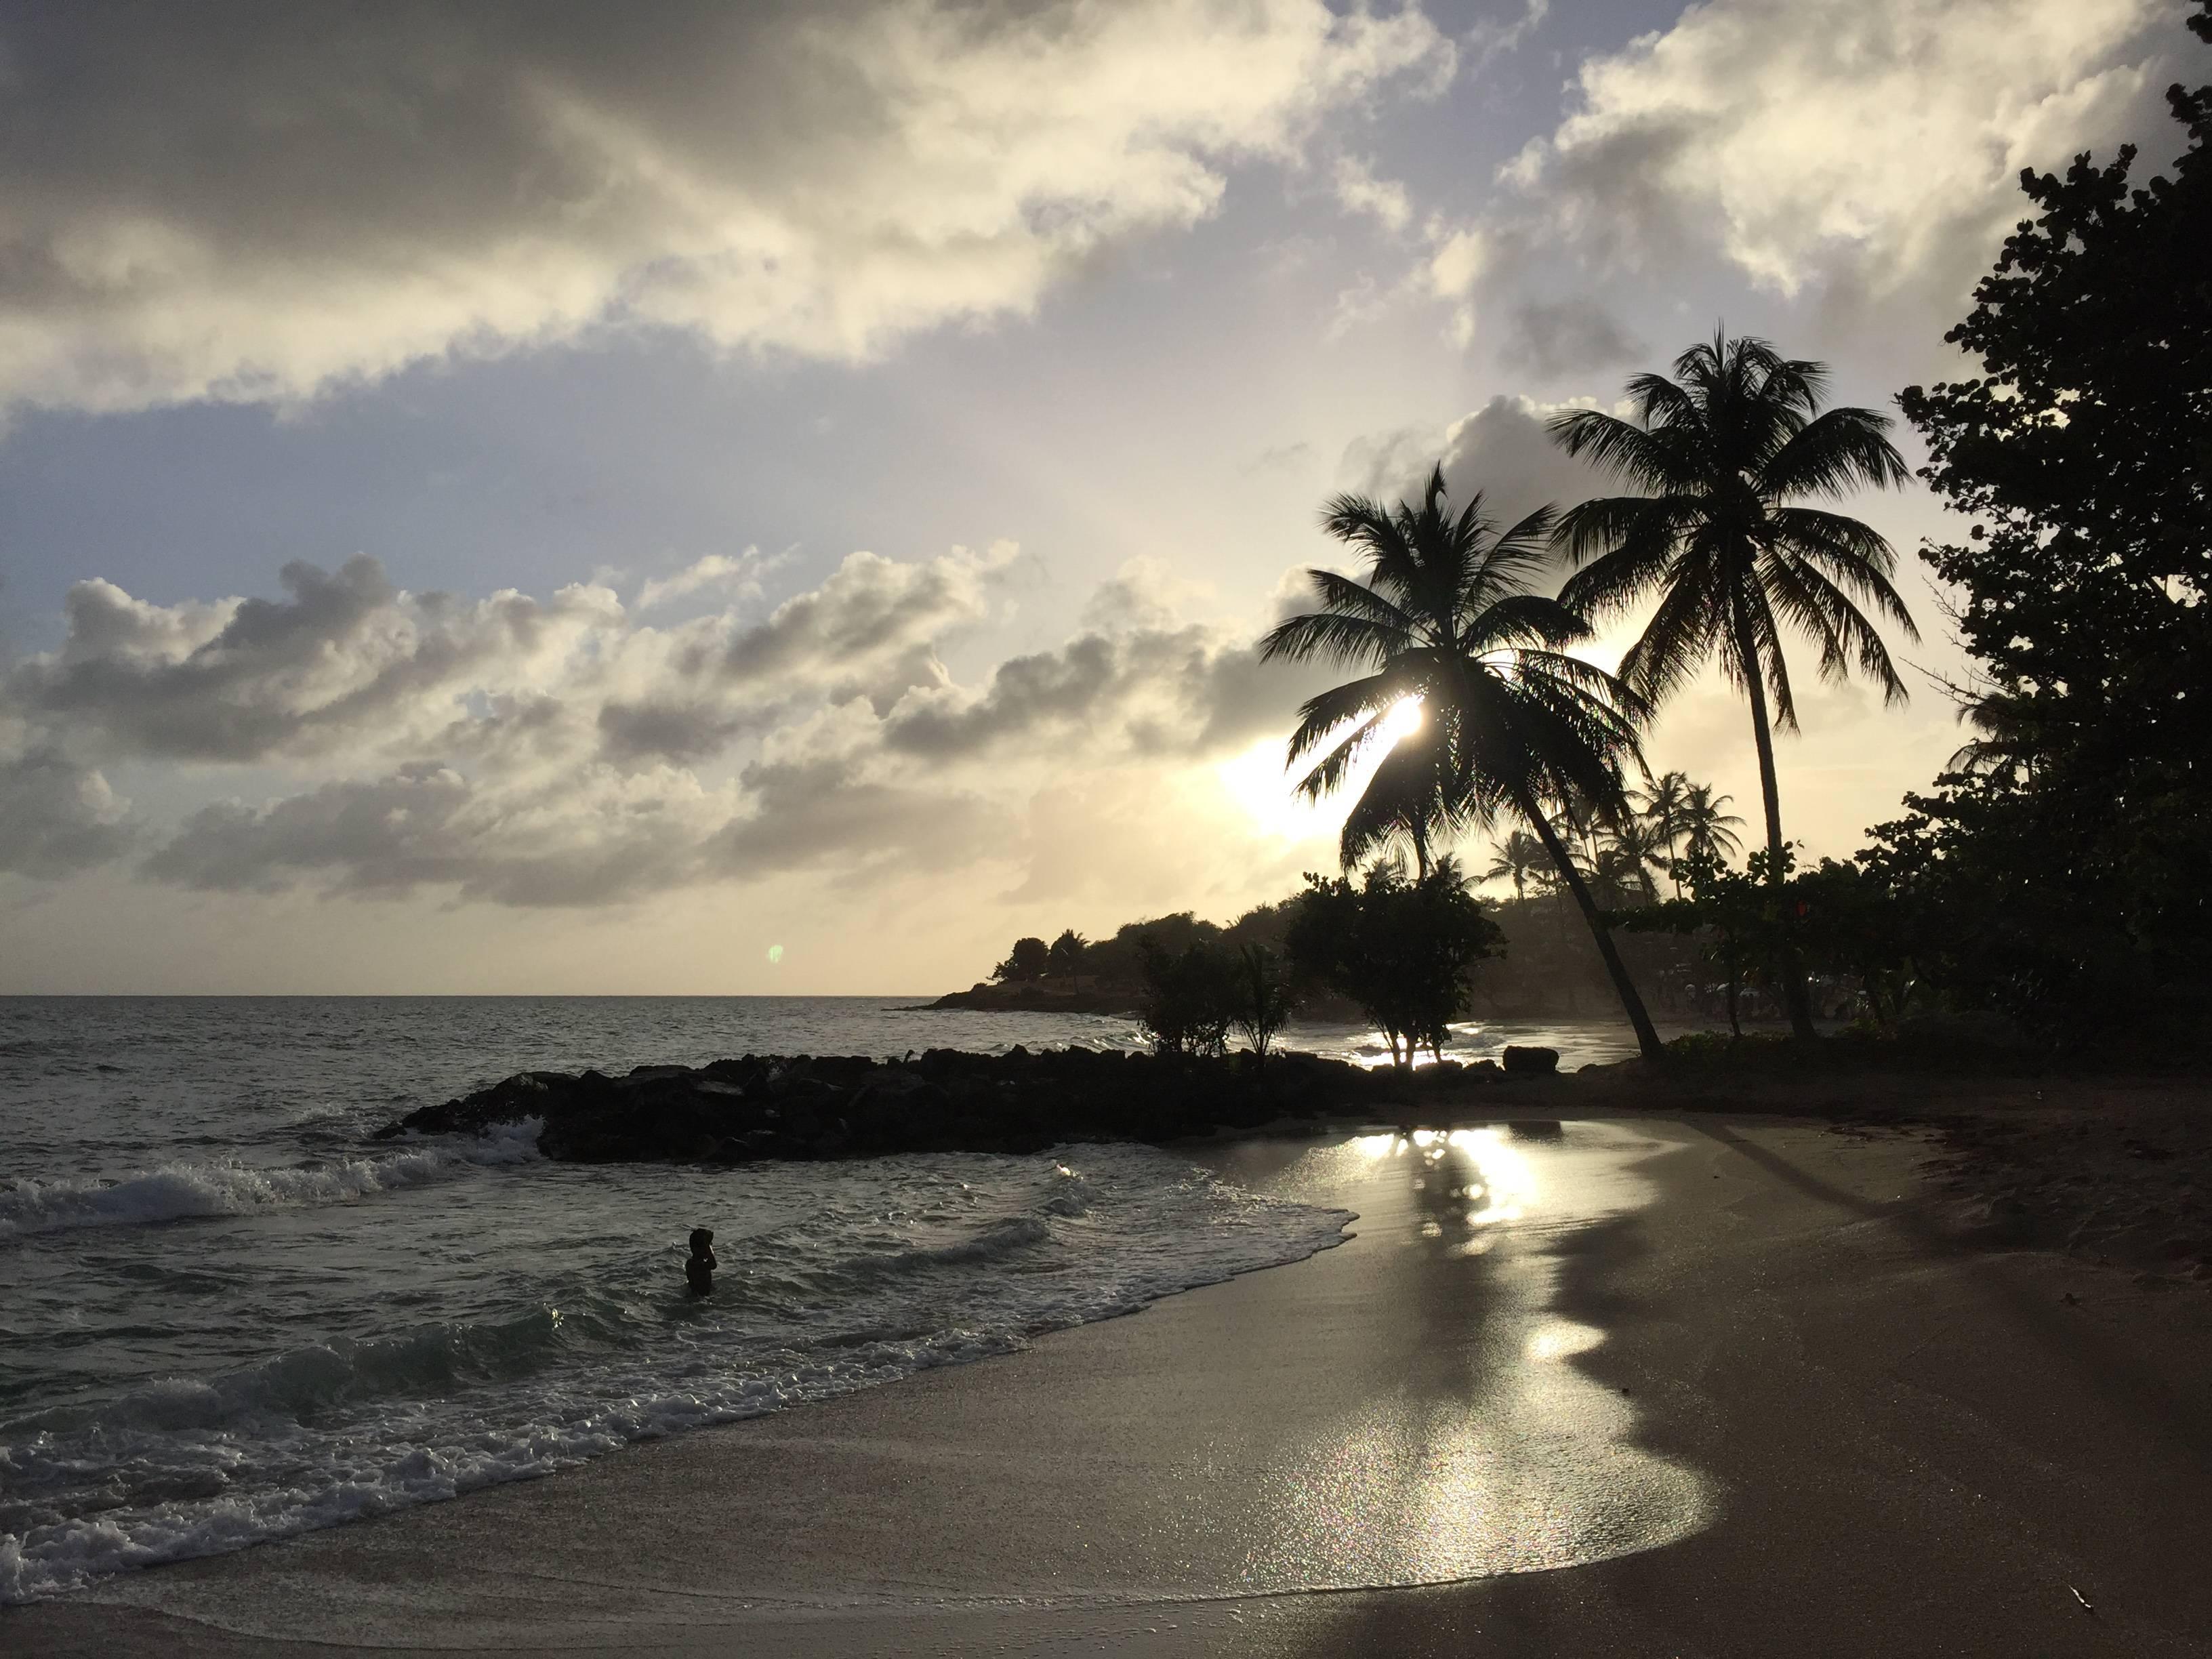 Photo 1: Cette plage a une âme